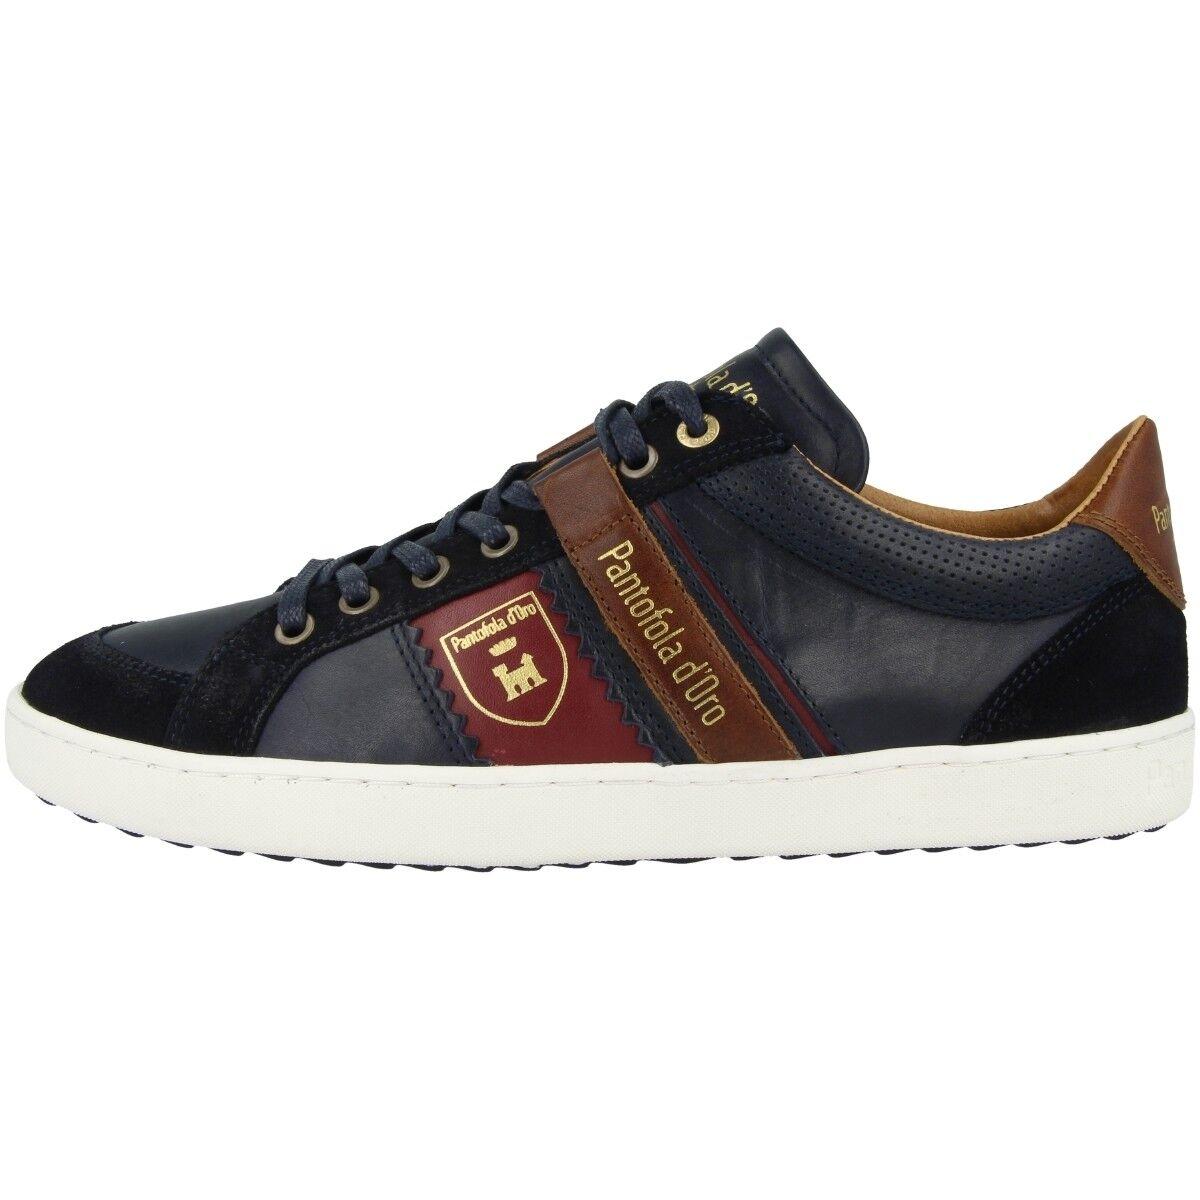 Pantofola D oro Savio  Uomo Low Pesaro Piceno Scarpe scarpe da ginnastica blus 10183041.2  fino al 70% di sconto